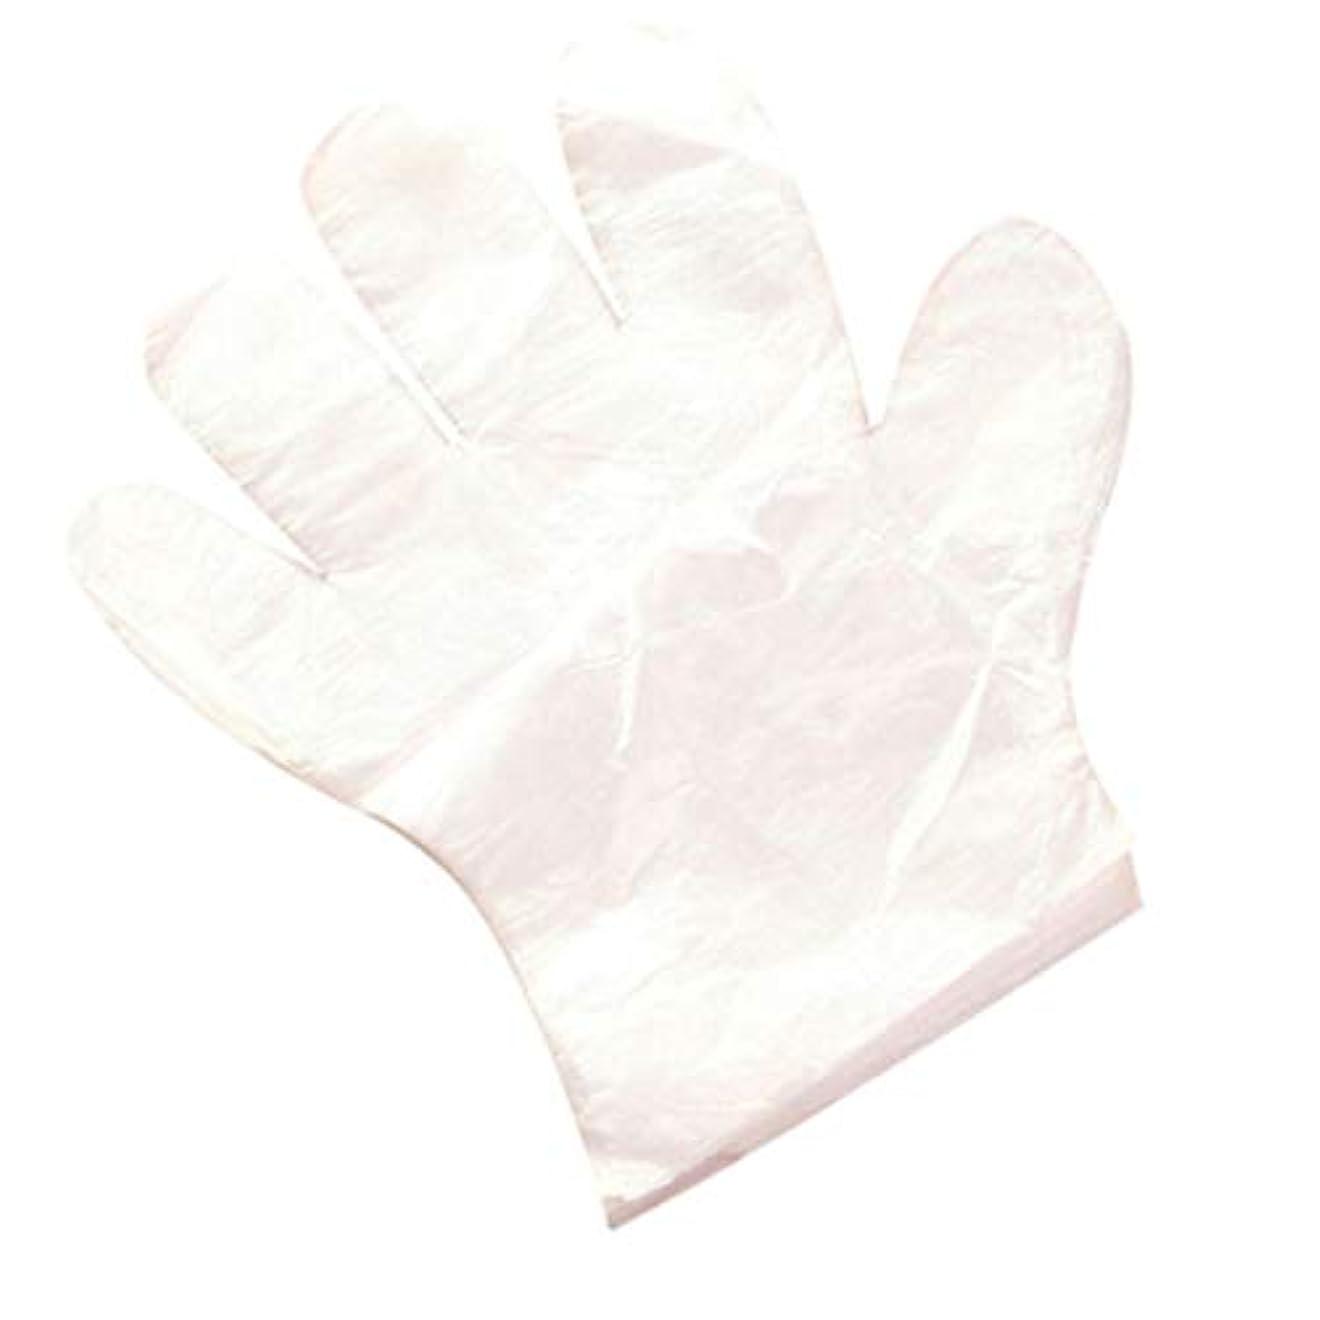 セラフウェイターダンス家庭用家庭の清掃および衛生用使い捨て手袋を食べる使い捨て手袋 (UnitCount : 500only)